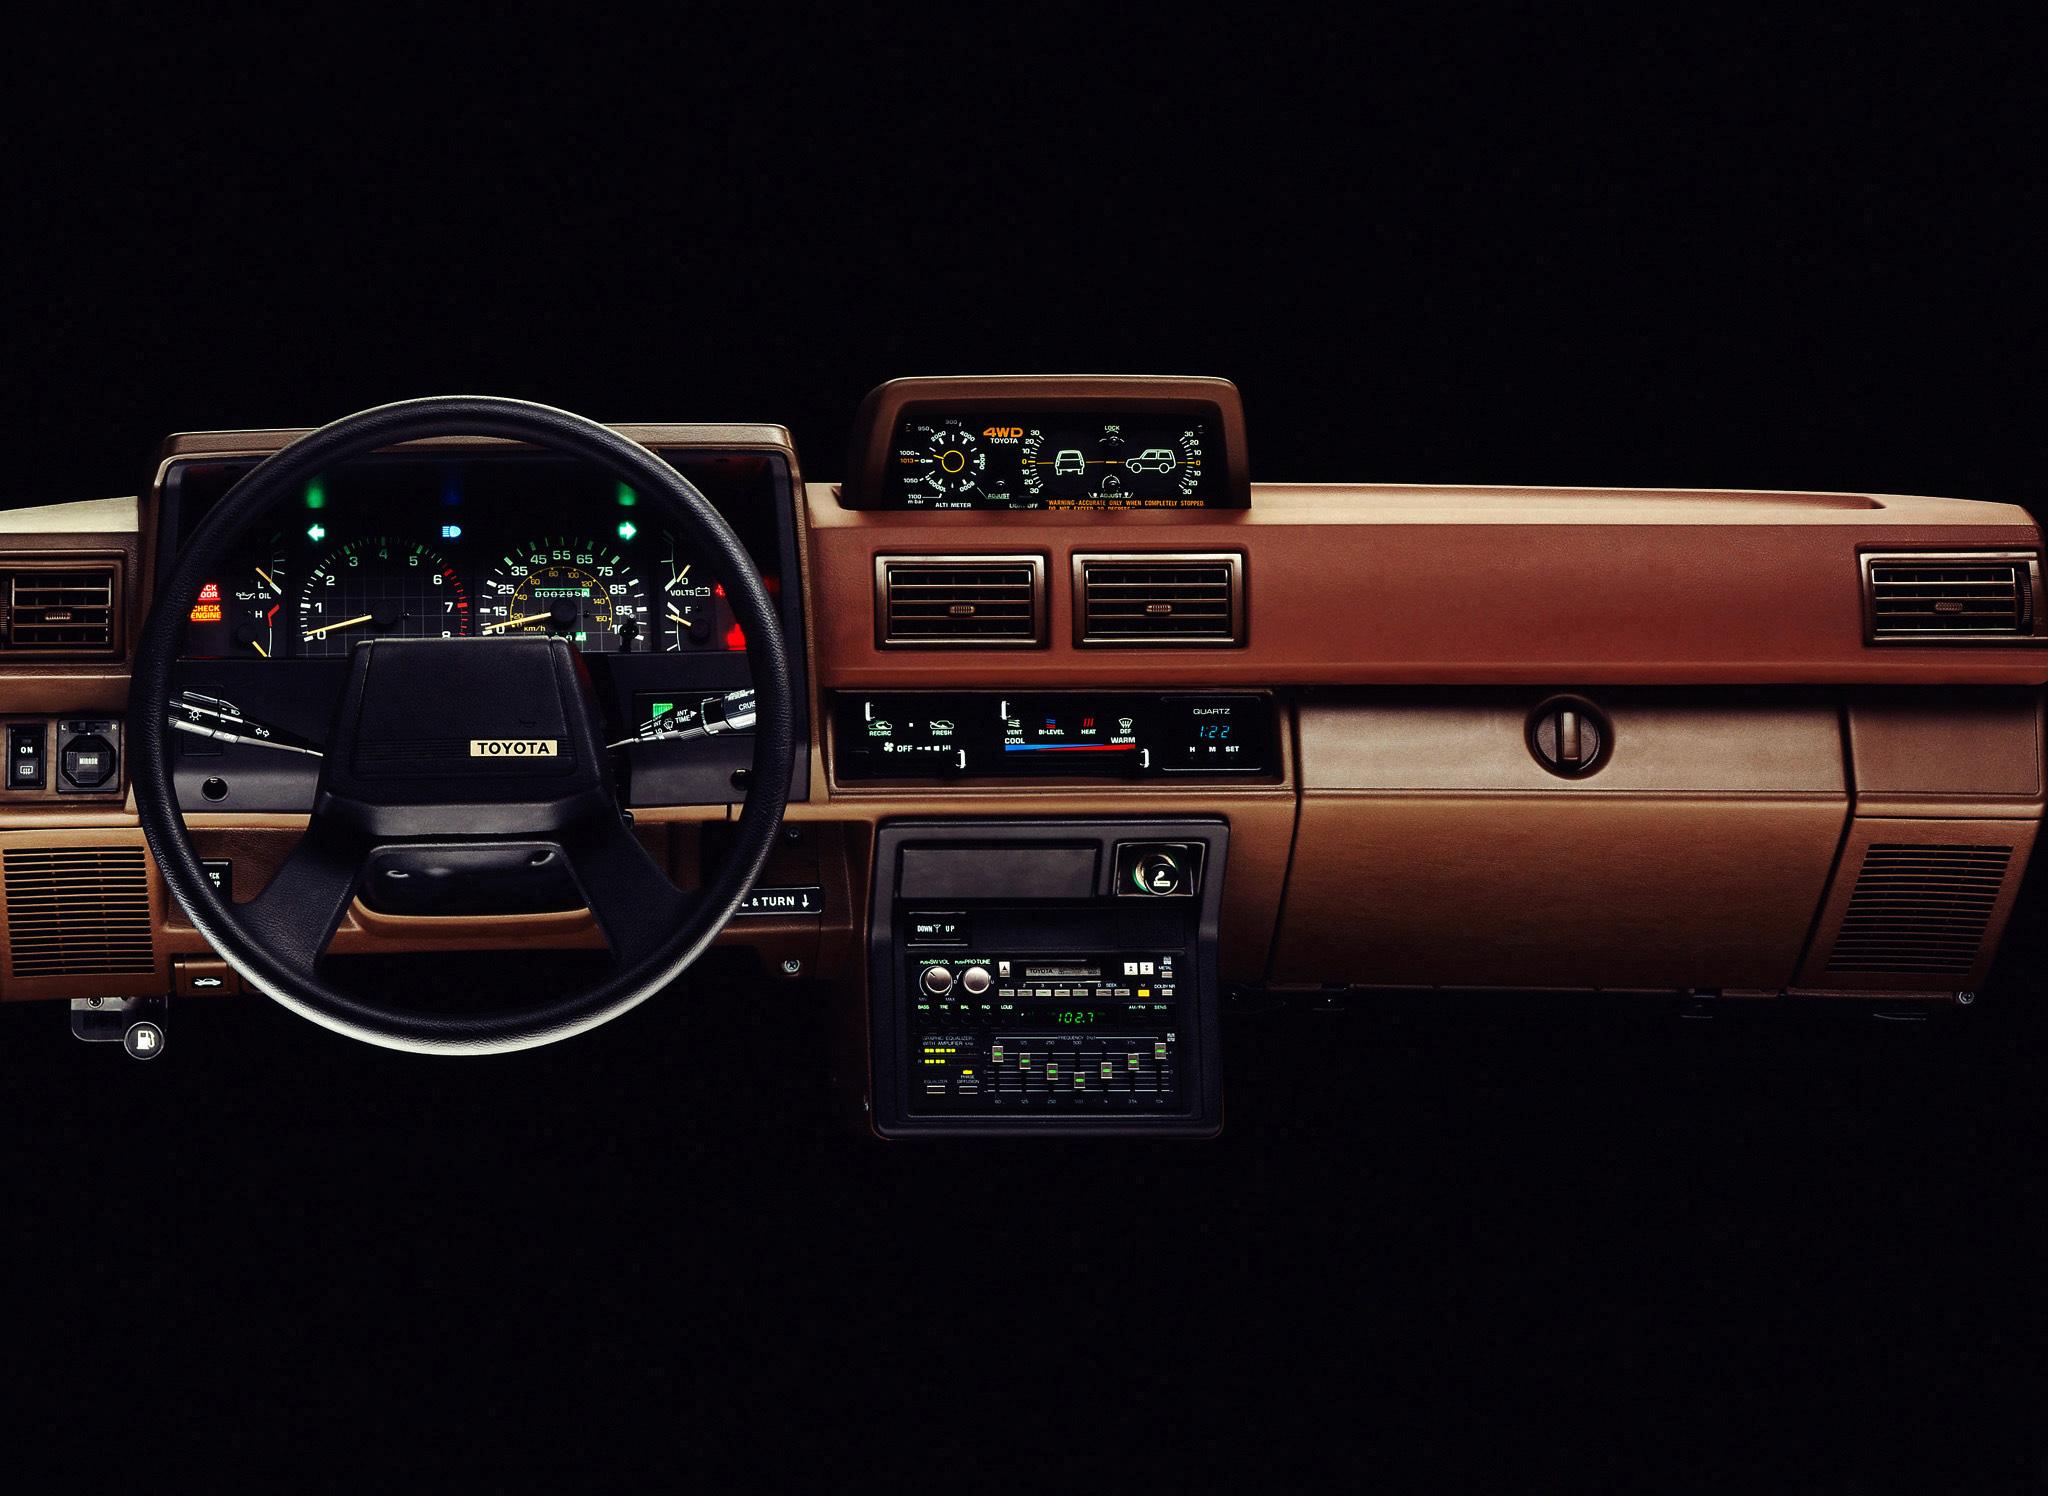 1984 Toyota 4Runner dash